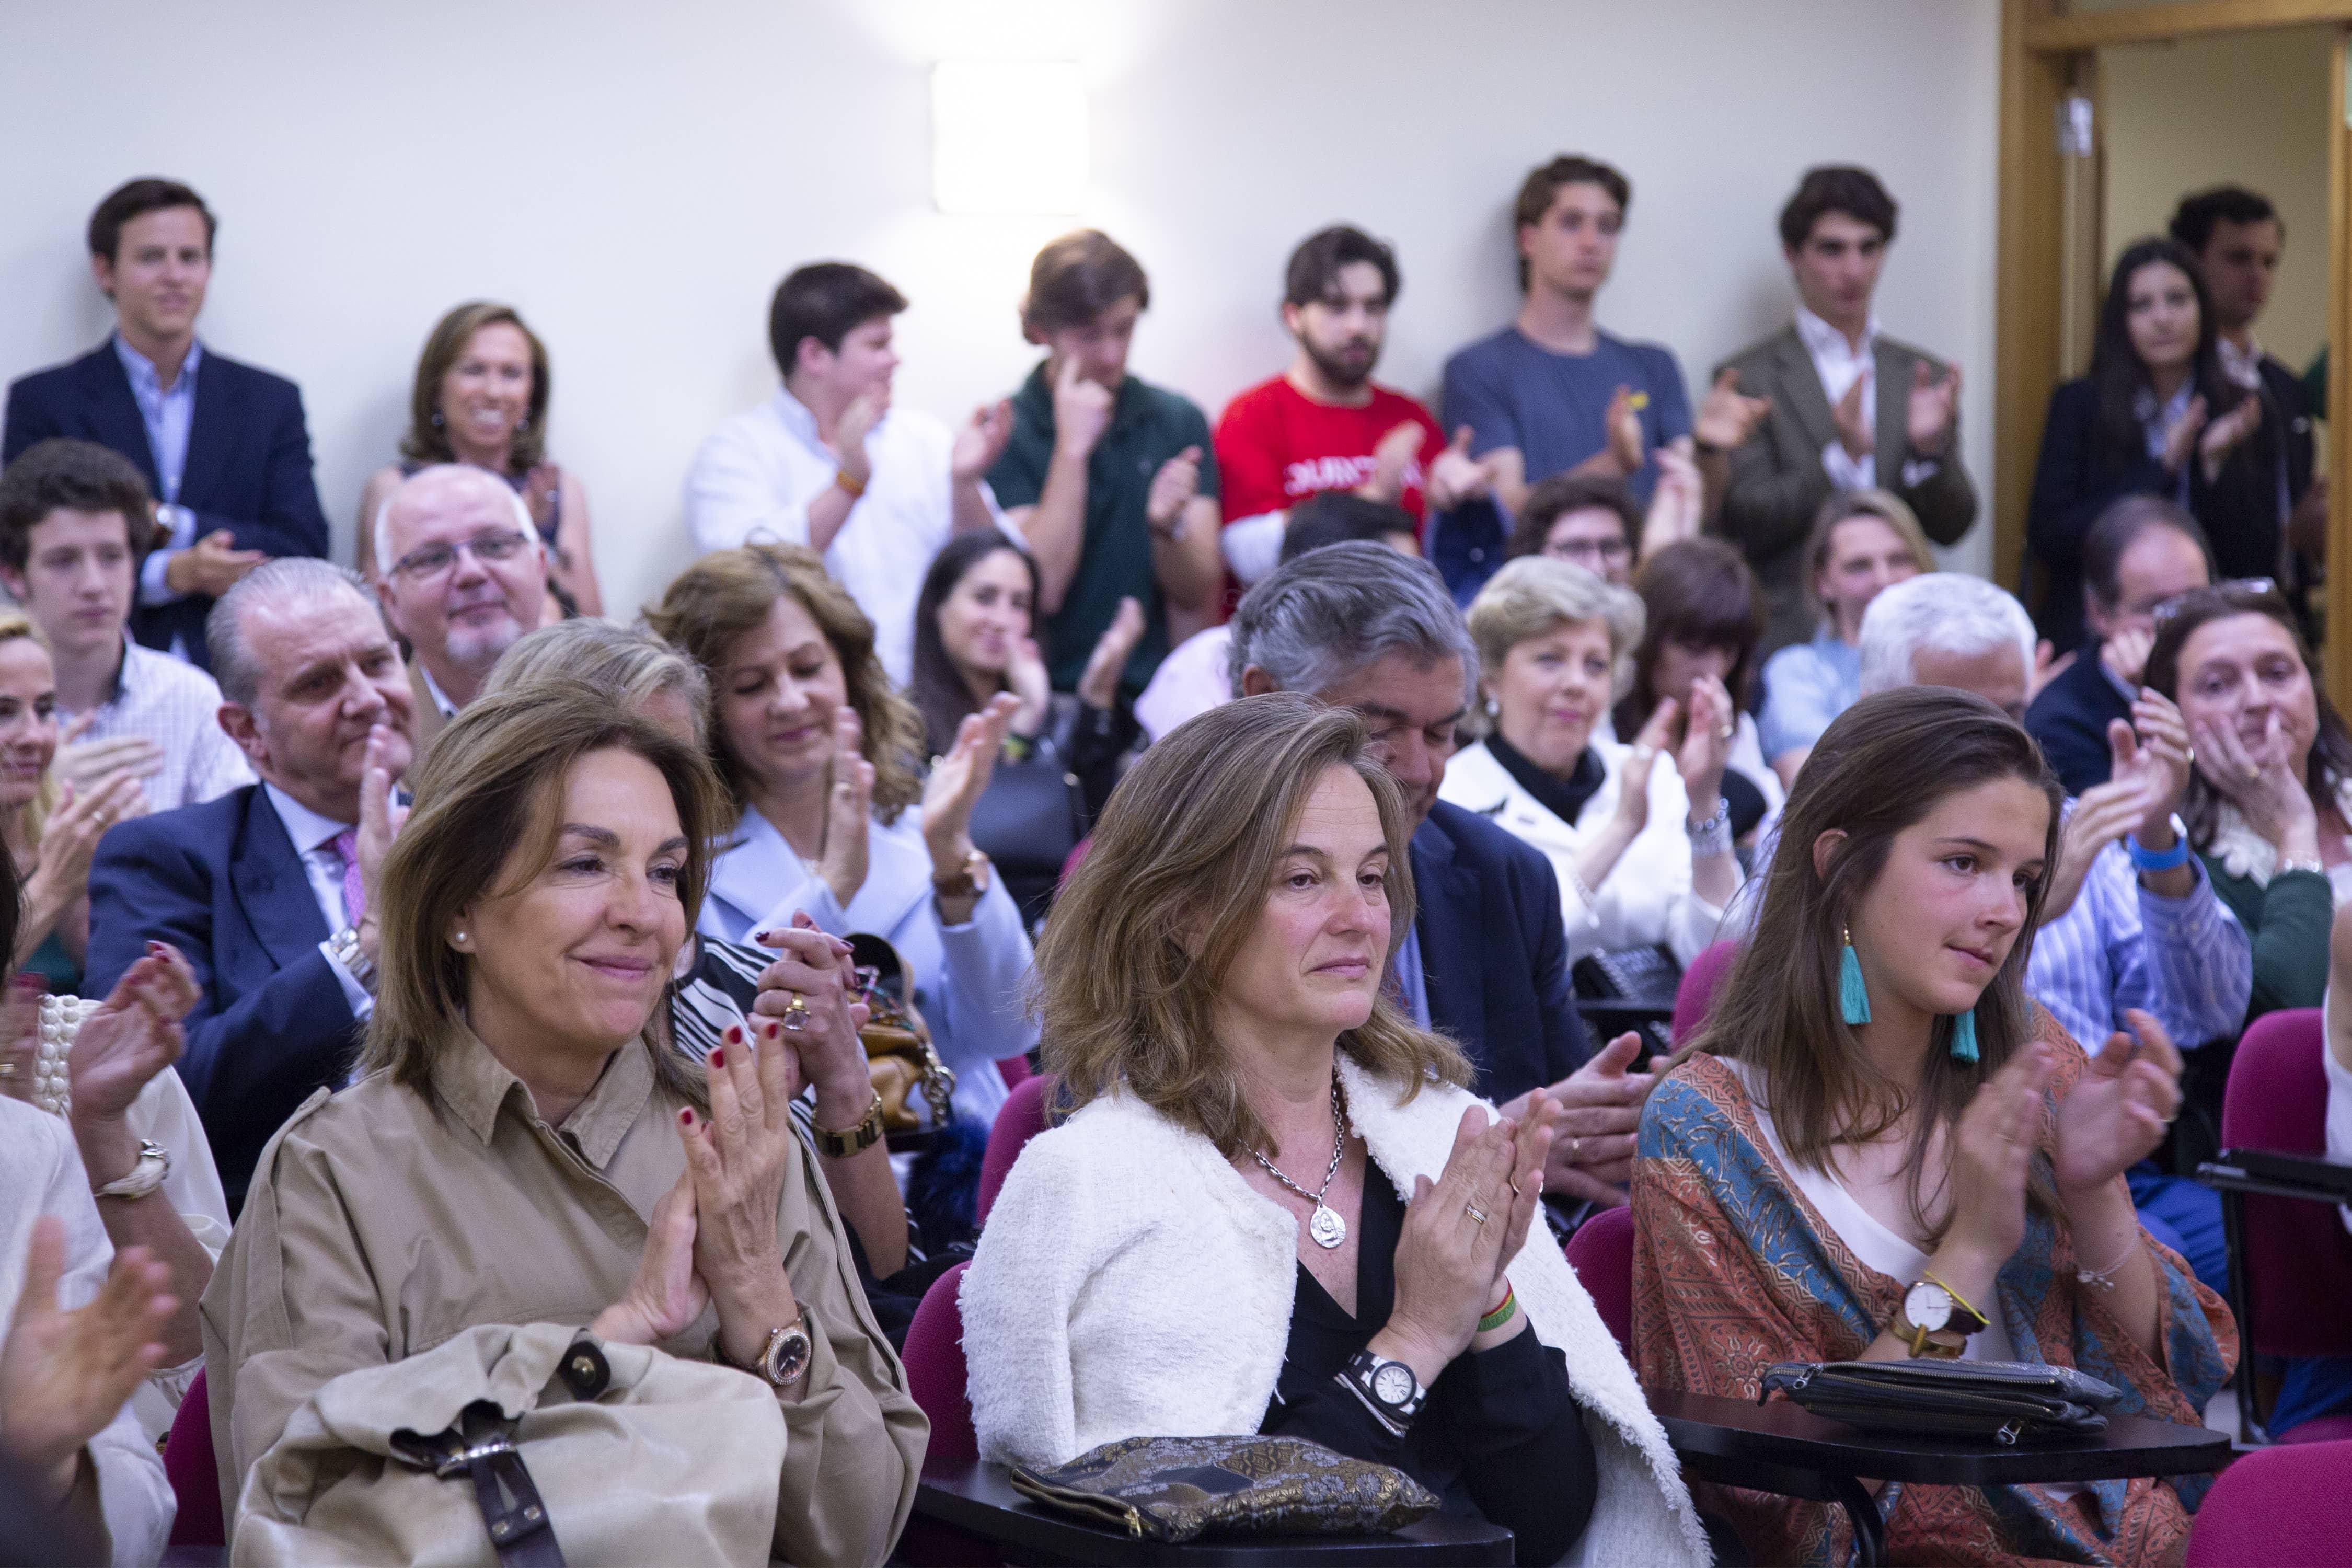 Familiares y amigos asistentes al acto de graduación